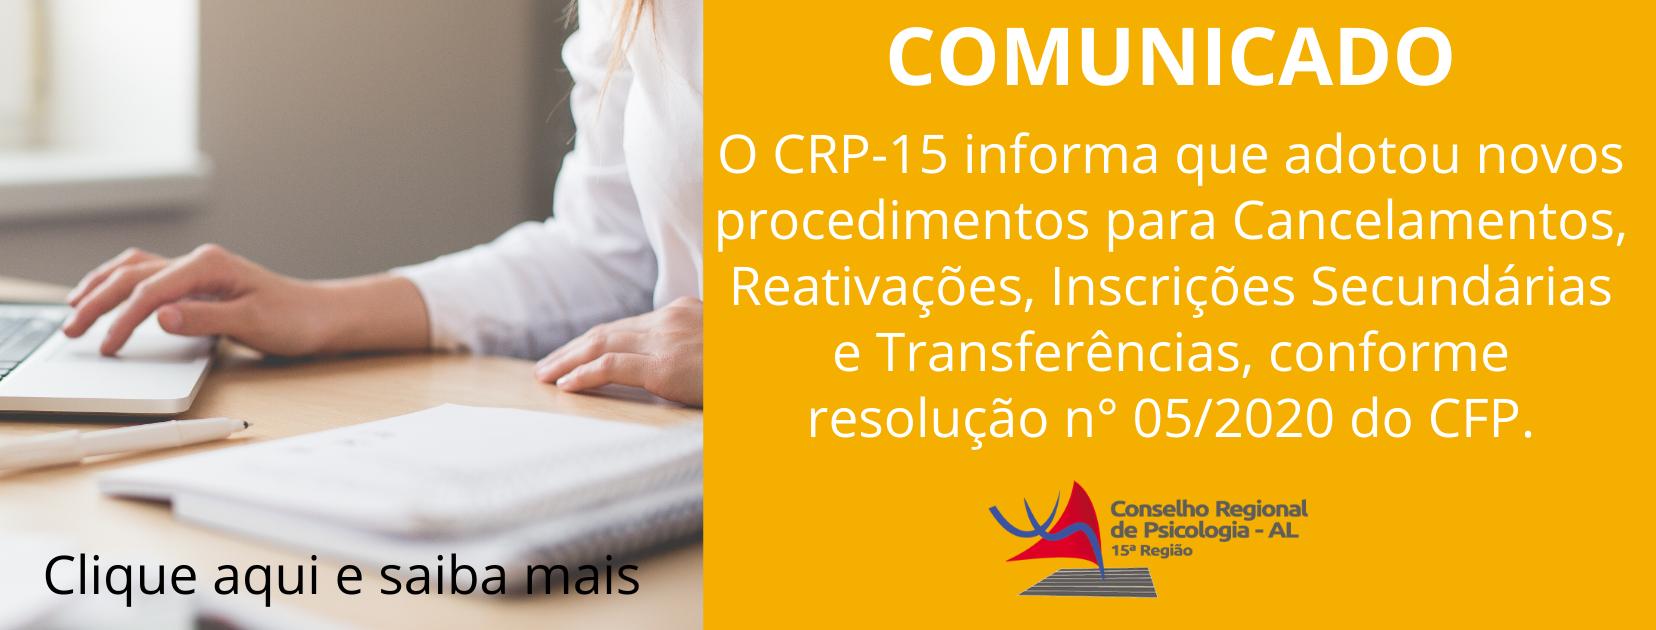 Comunicado CRP-15 sobre Cancelamentos, Reativações, Inscrições Secundárias e Transferências